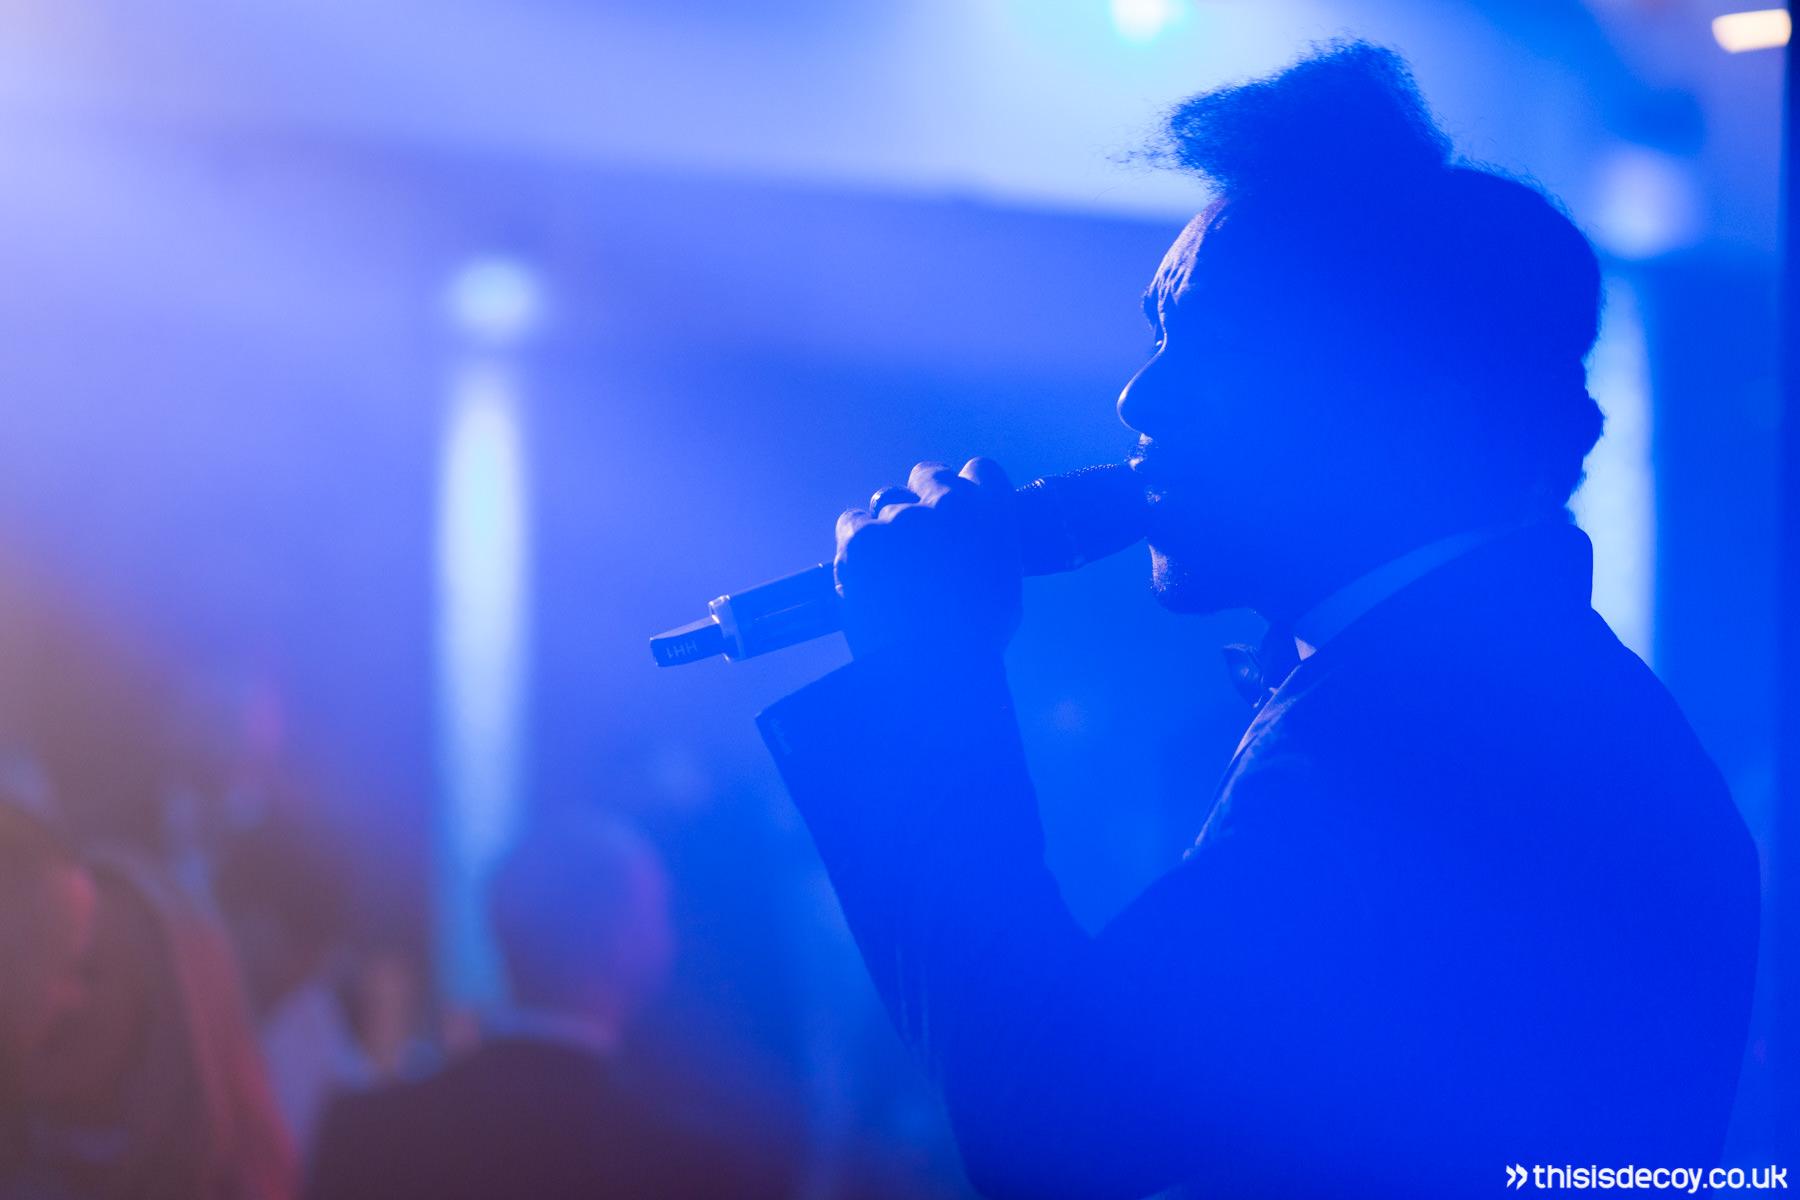 singer on stage